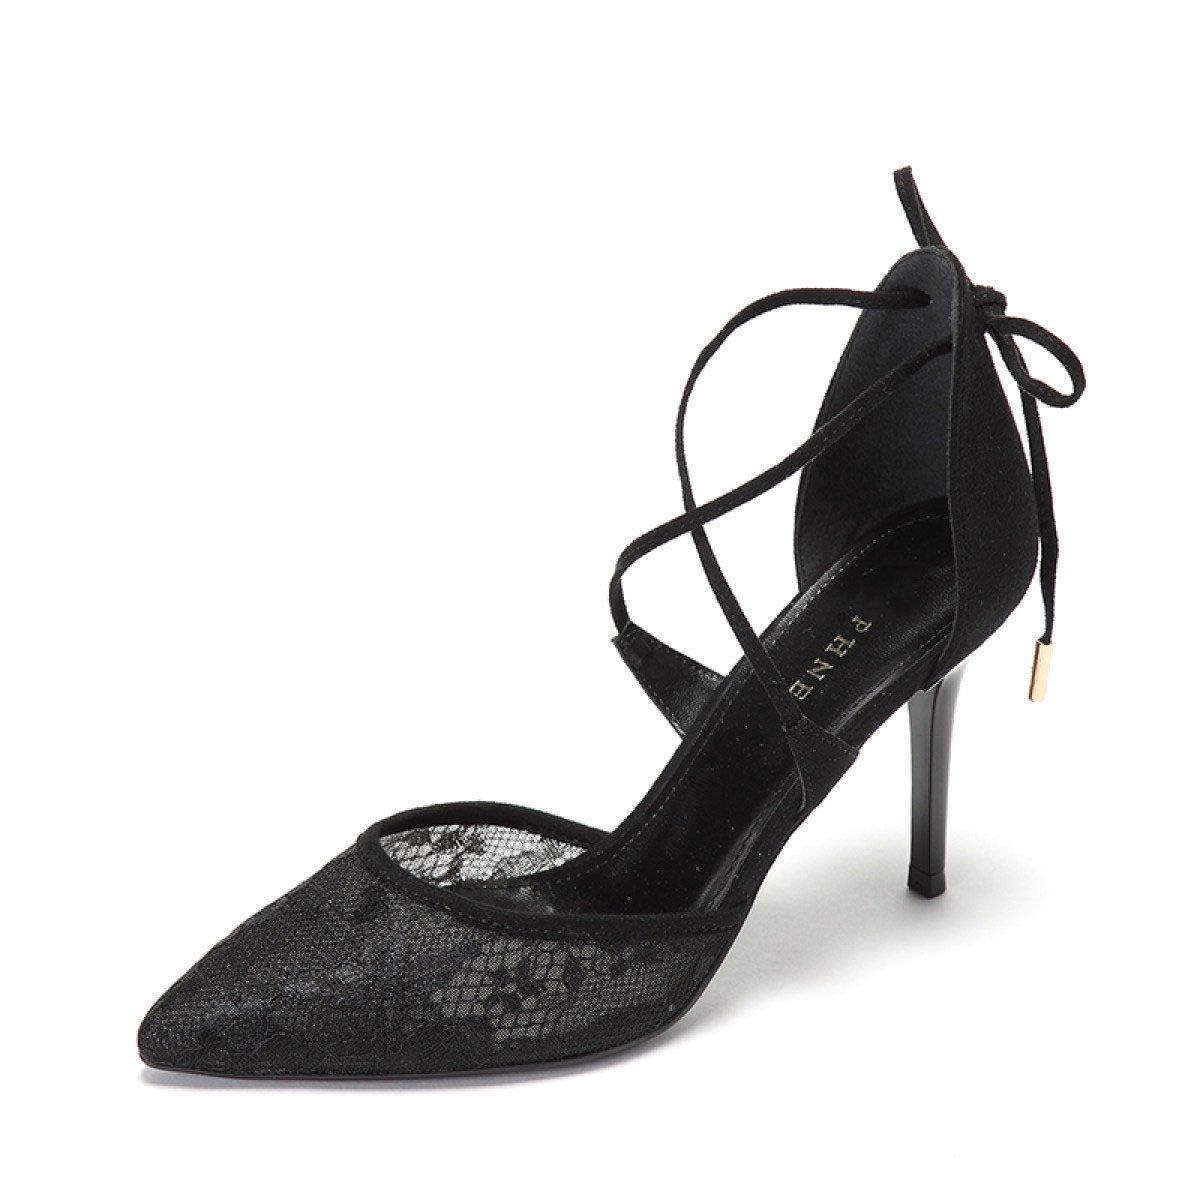 Ximu Spillo Eleganti Sandalo Con Tacco A Spillo Ximu Sexy Sandalo Con Tacco   4f43d8